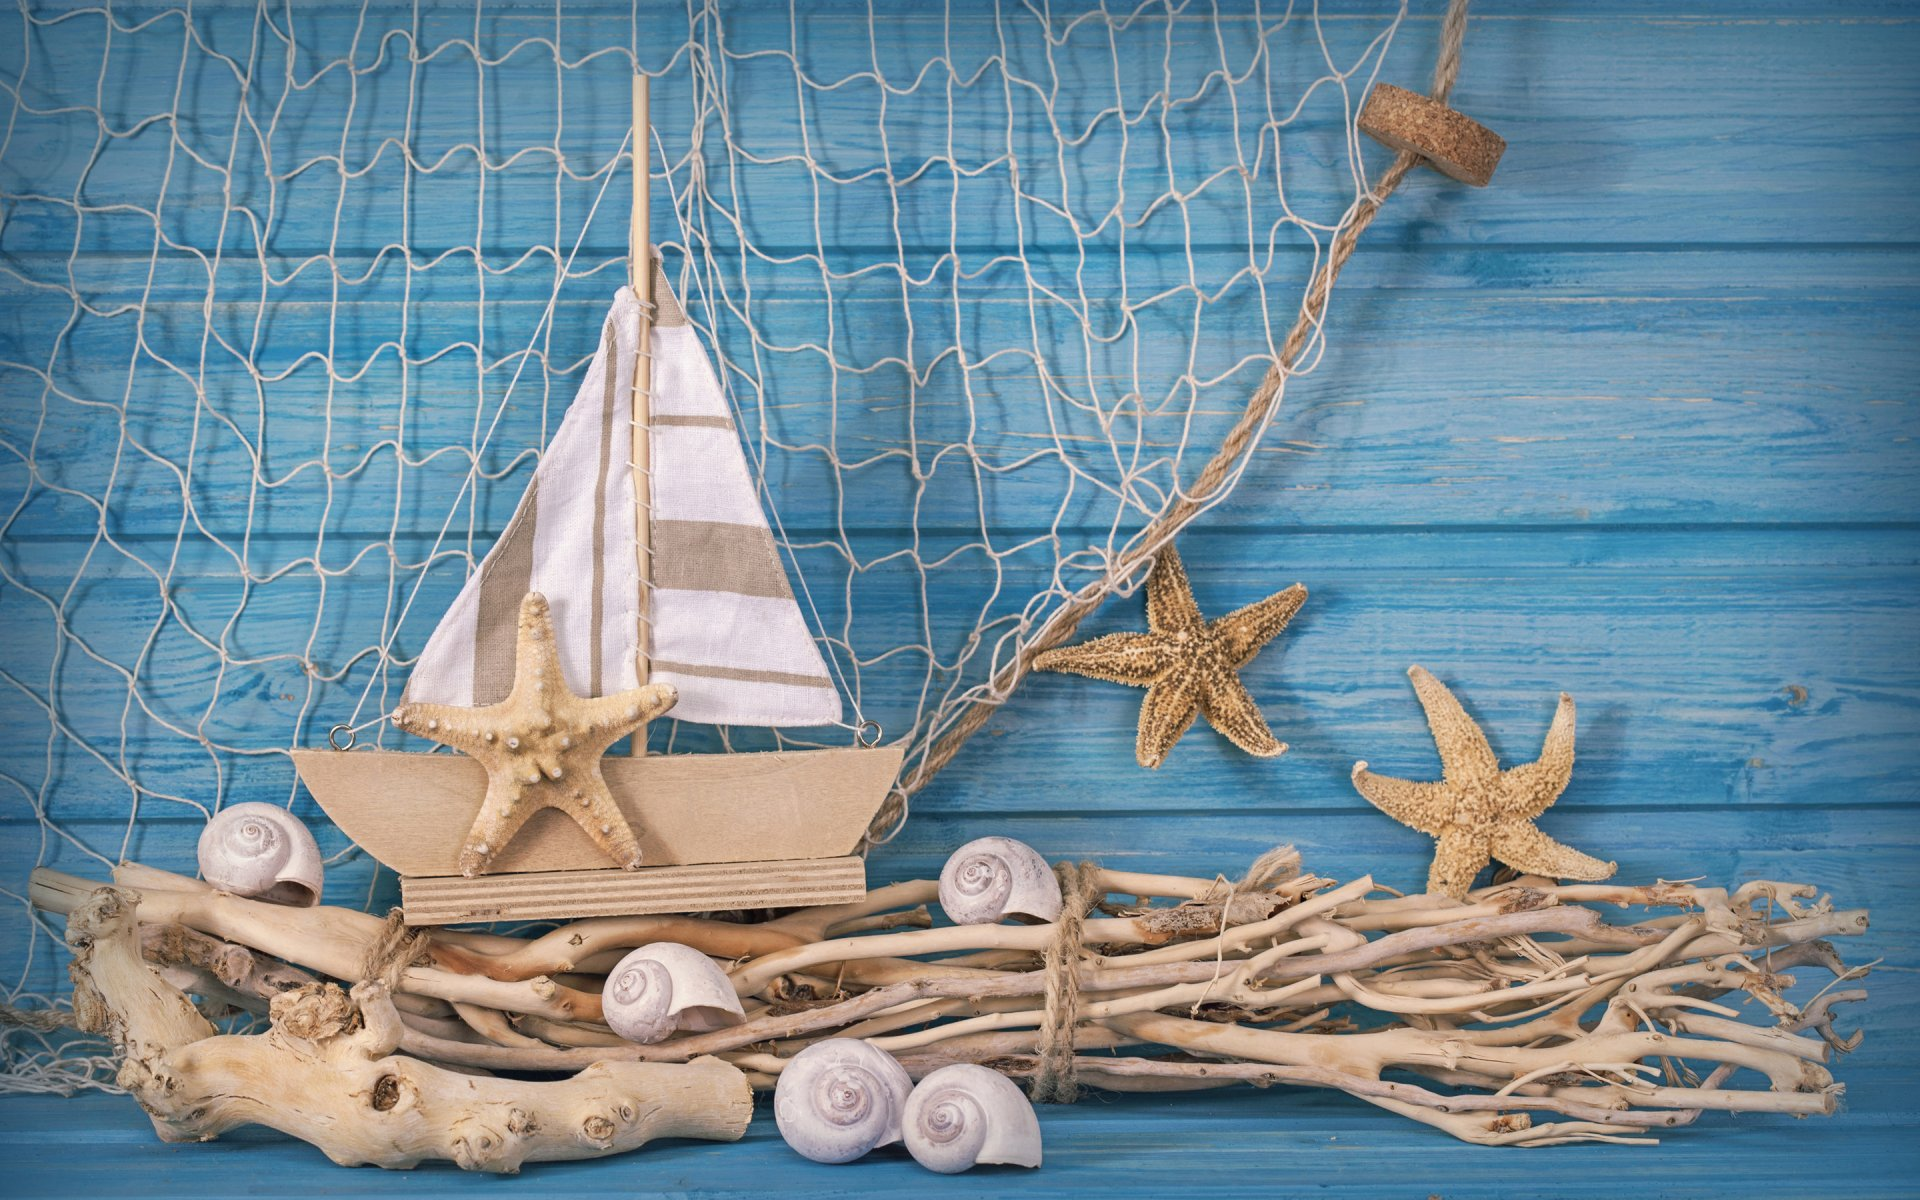 Поделки на морскую тему для интерьера